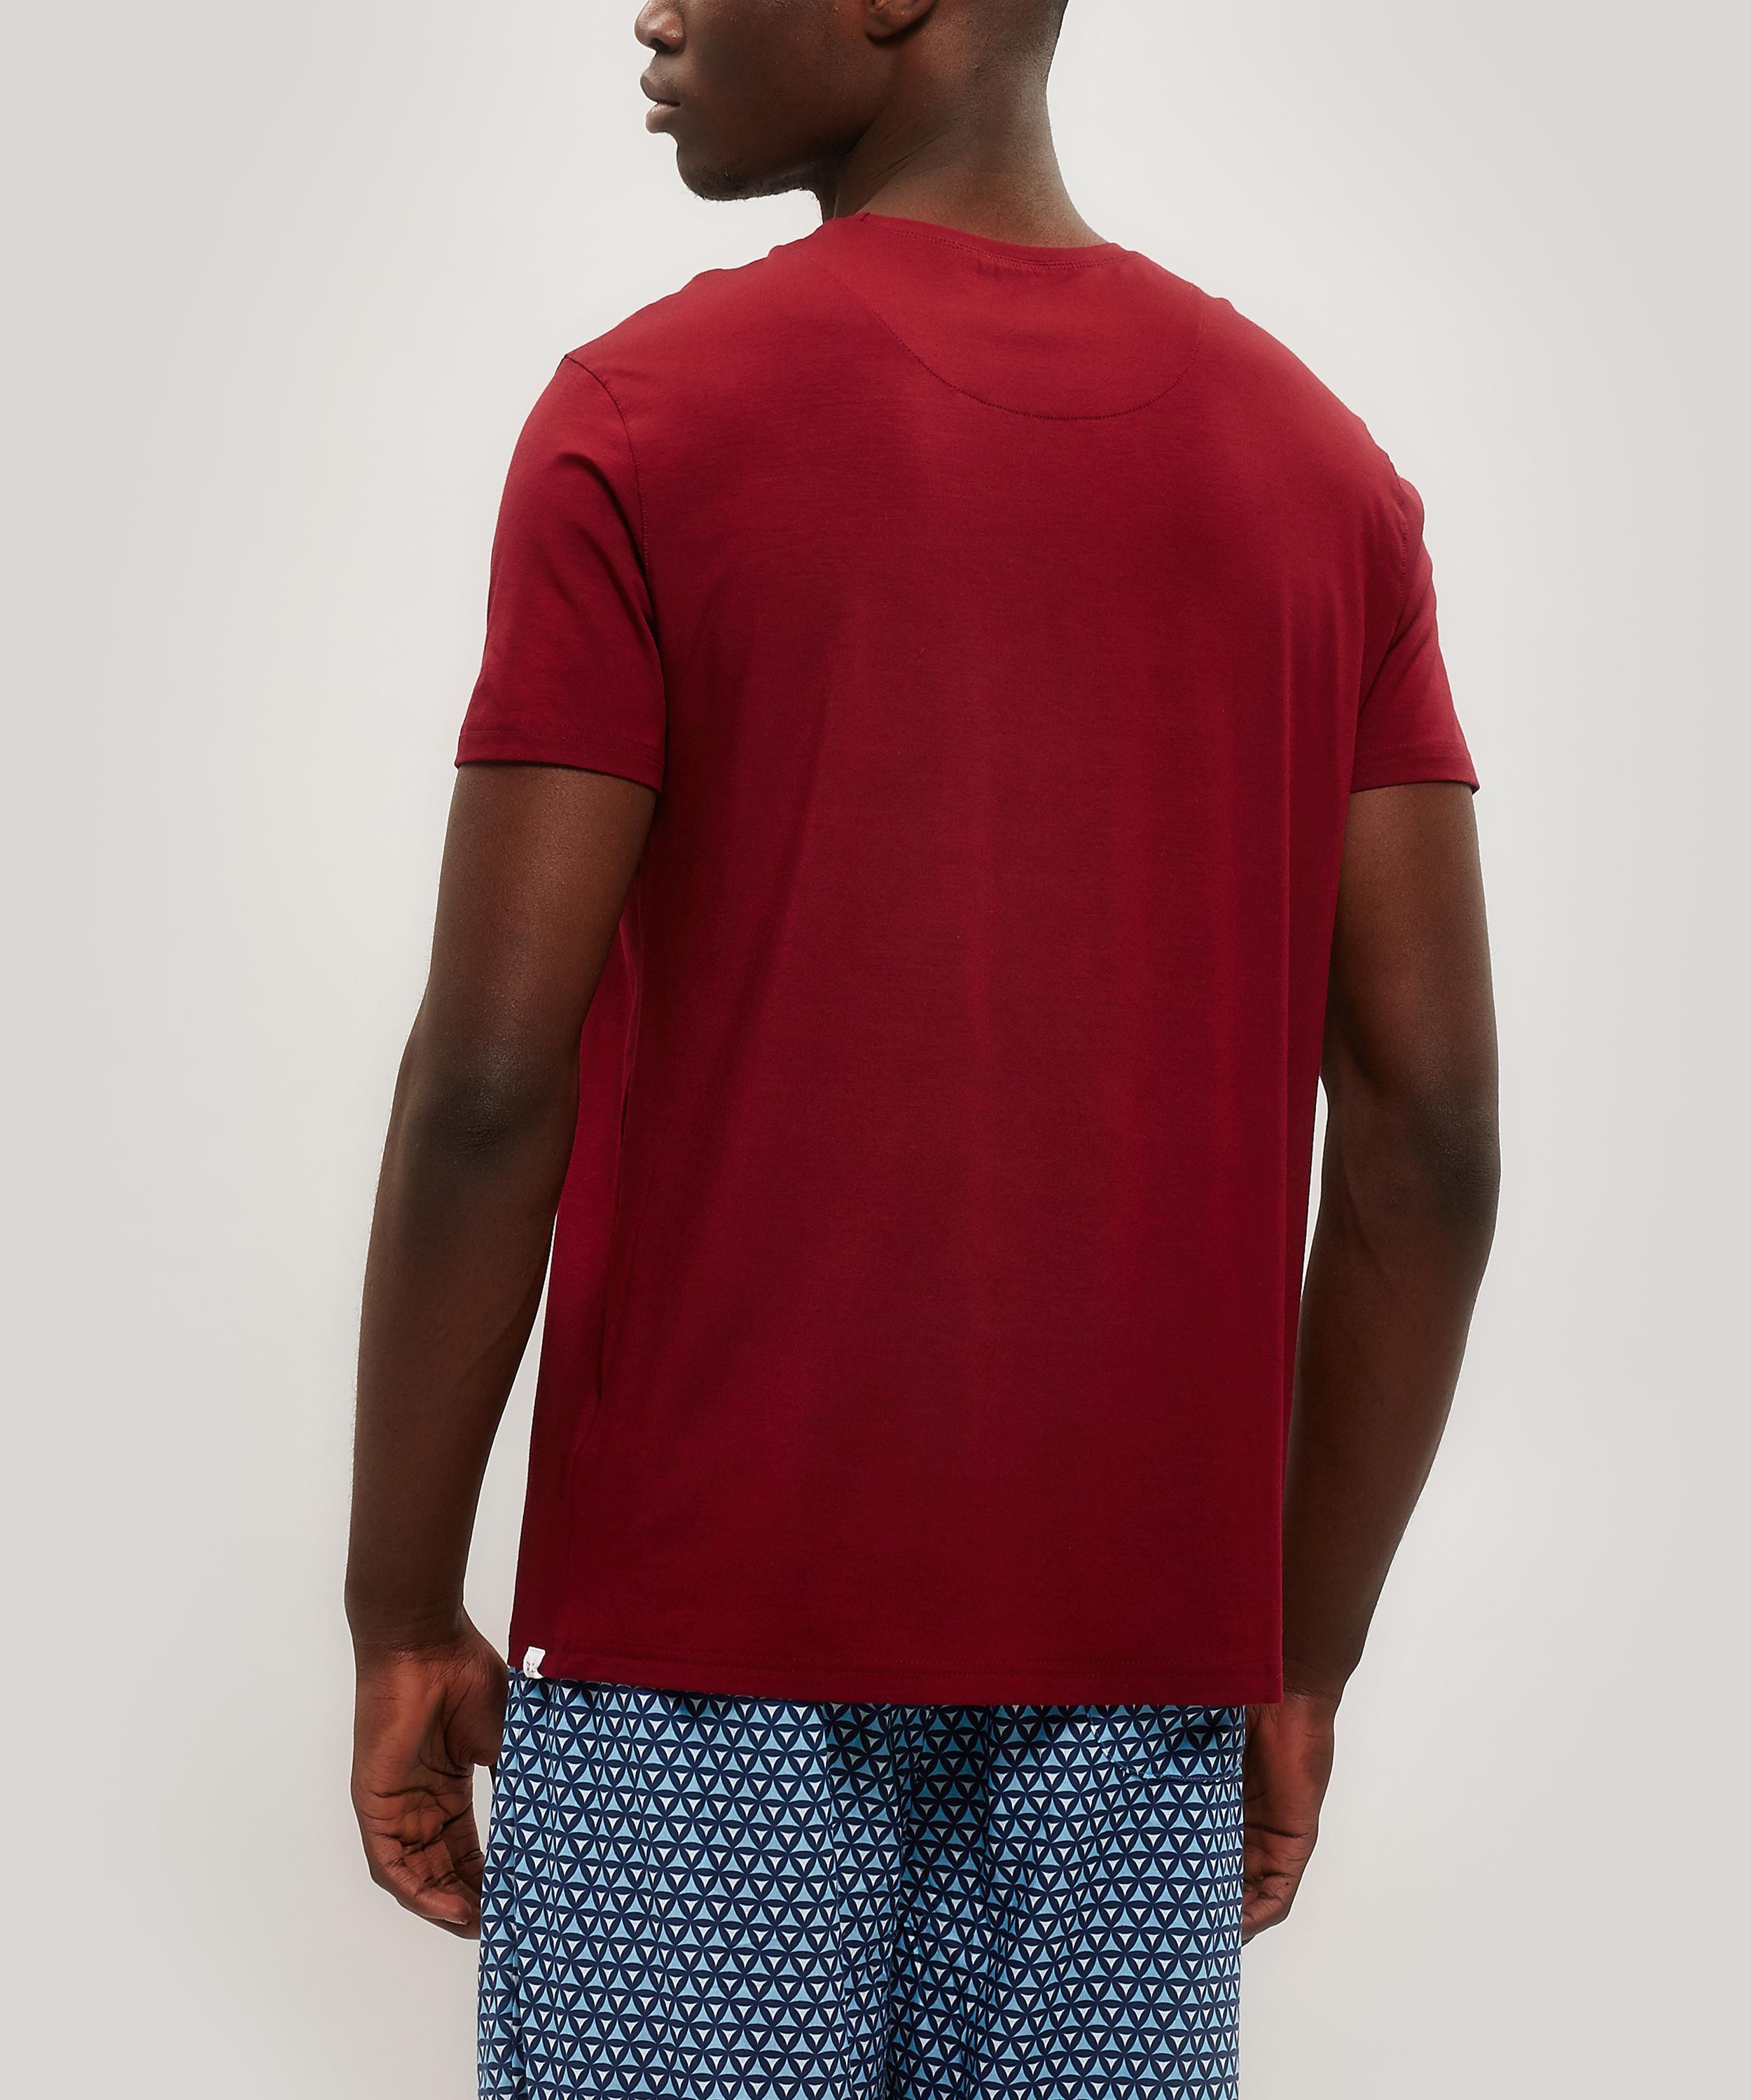 31d5defd0fd1 ... Basel 7 Micro Modal T-shirt for Men - Lyst. View fullscreen